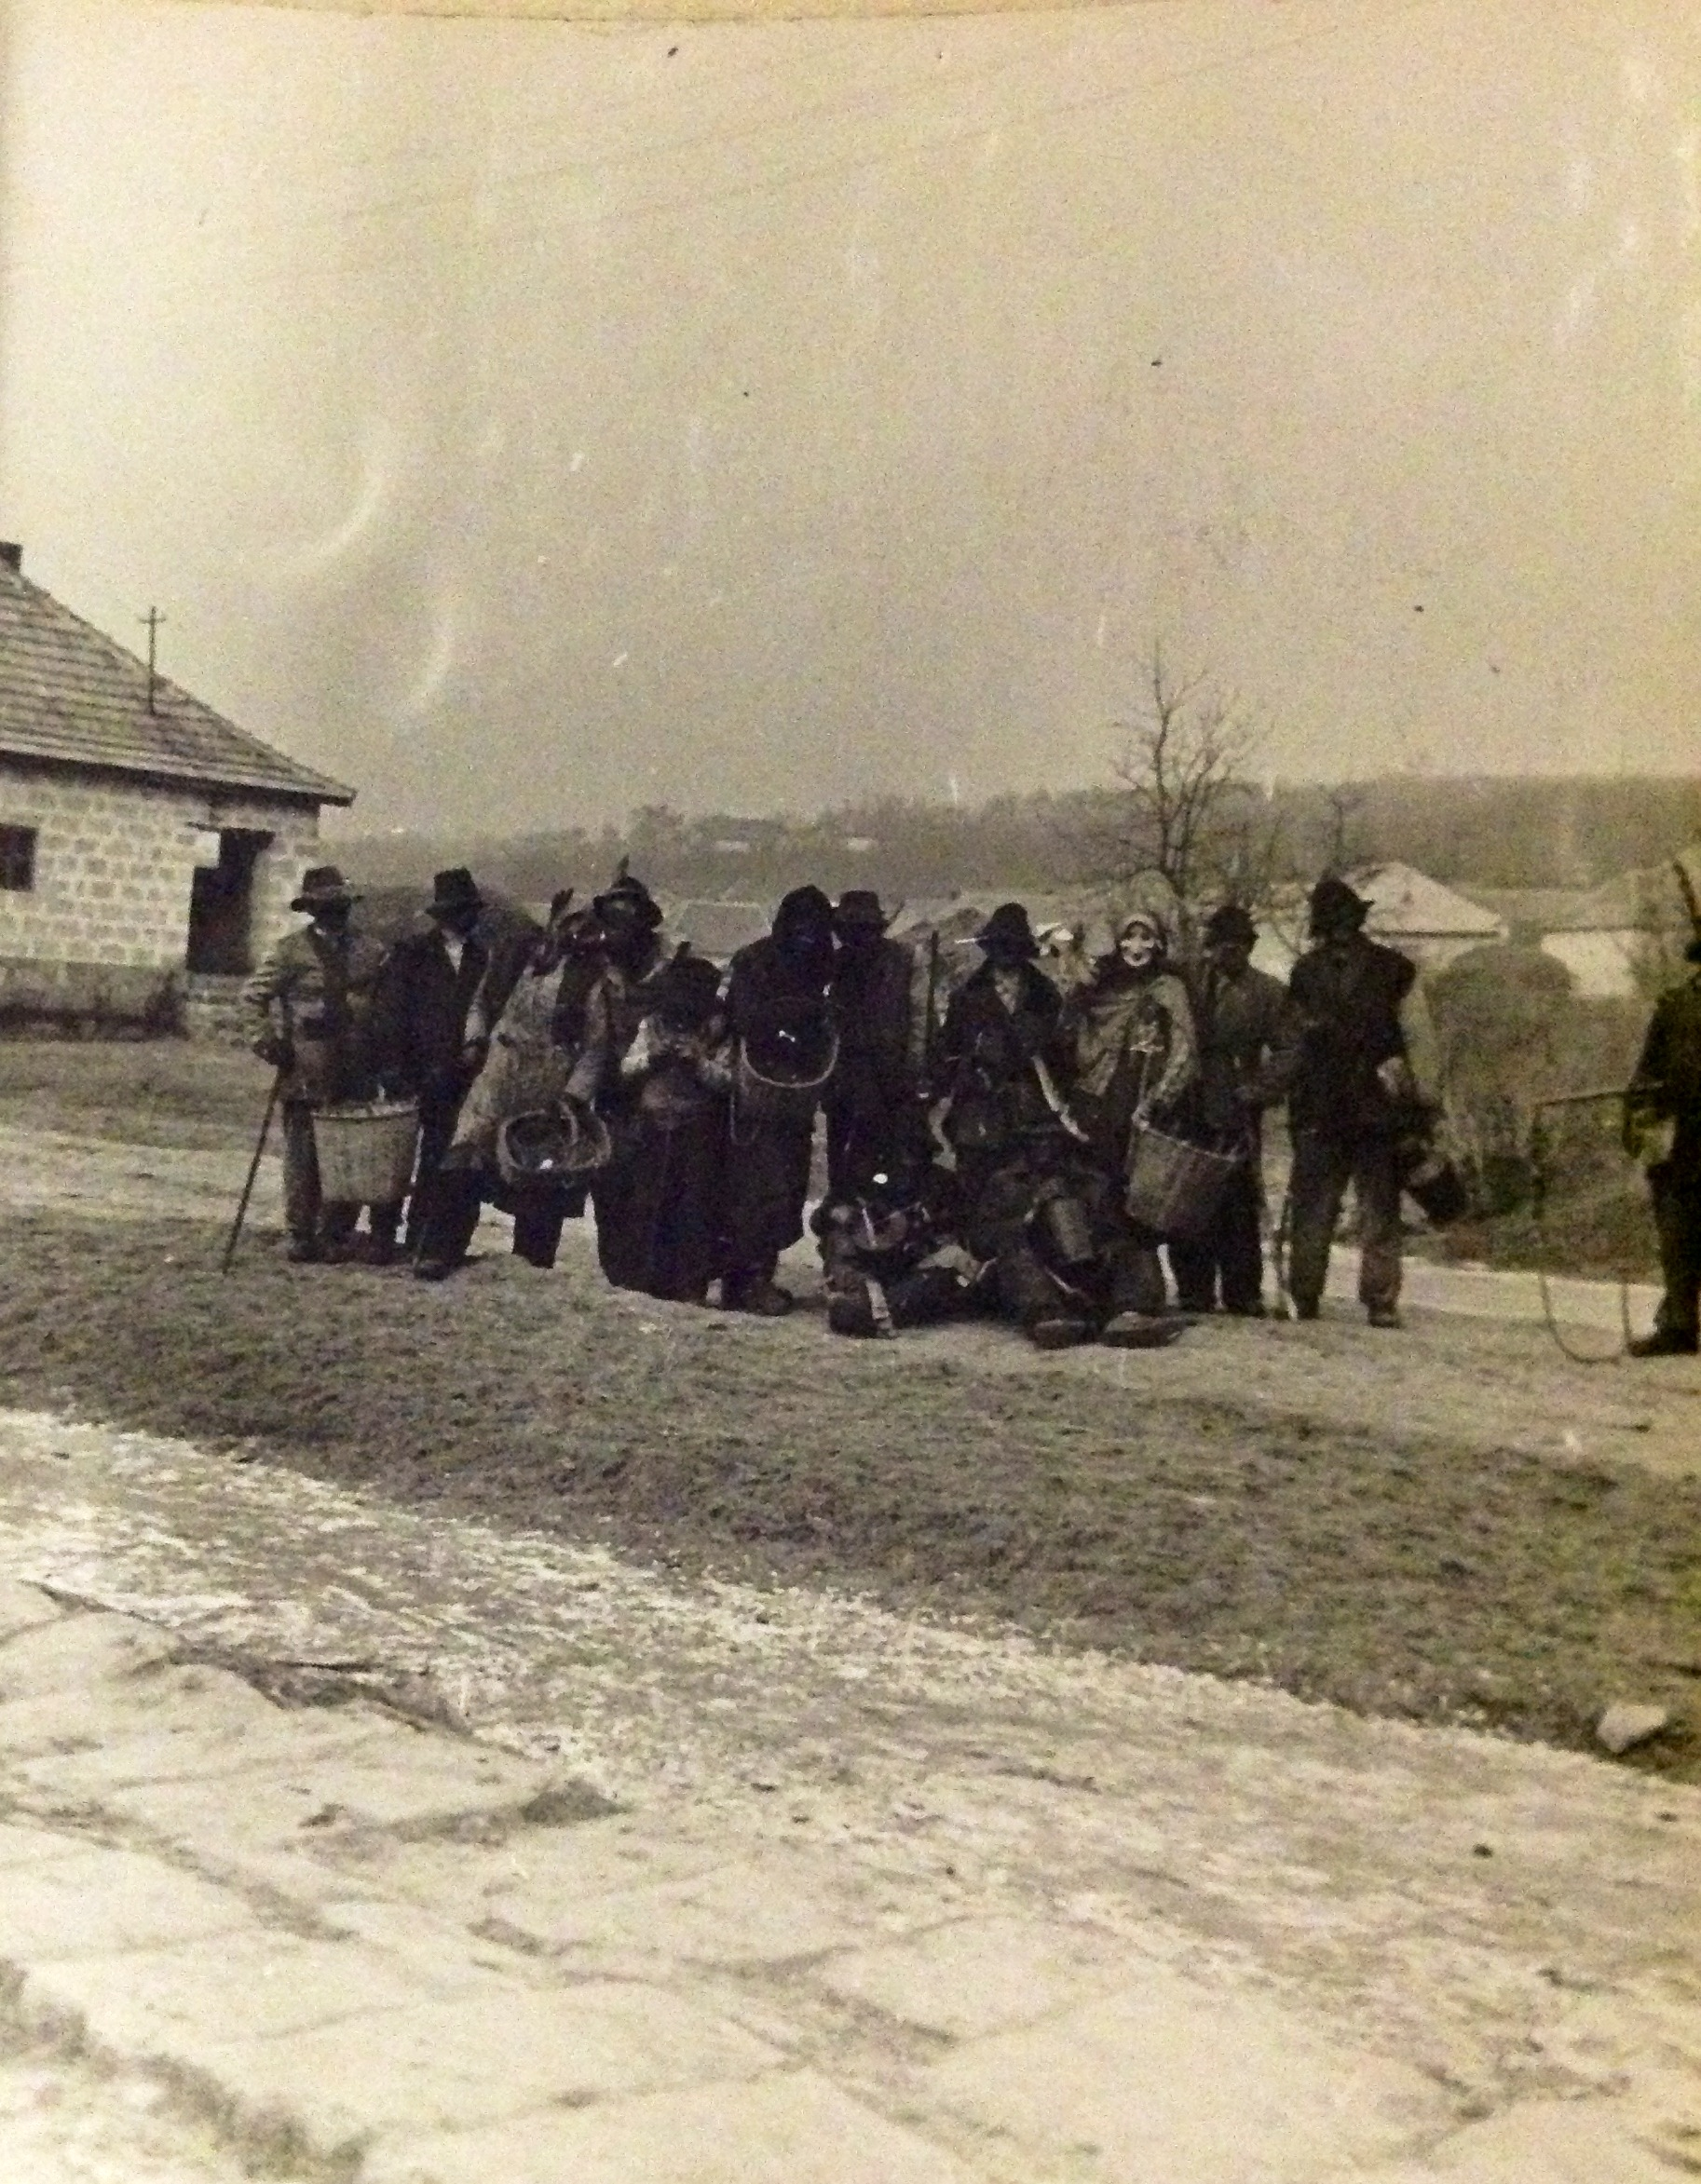 6983. Reméllés, bőjthagyó szerdán,újabban húshagyó kedden maskarásoknak öltözve a legények végigjárják a falut. 1959. Bakó Ferenc